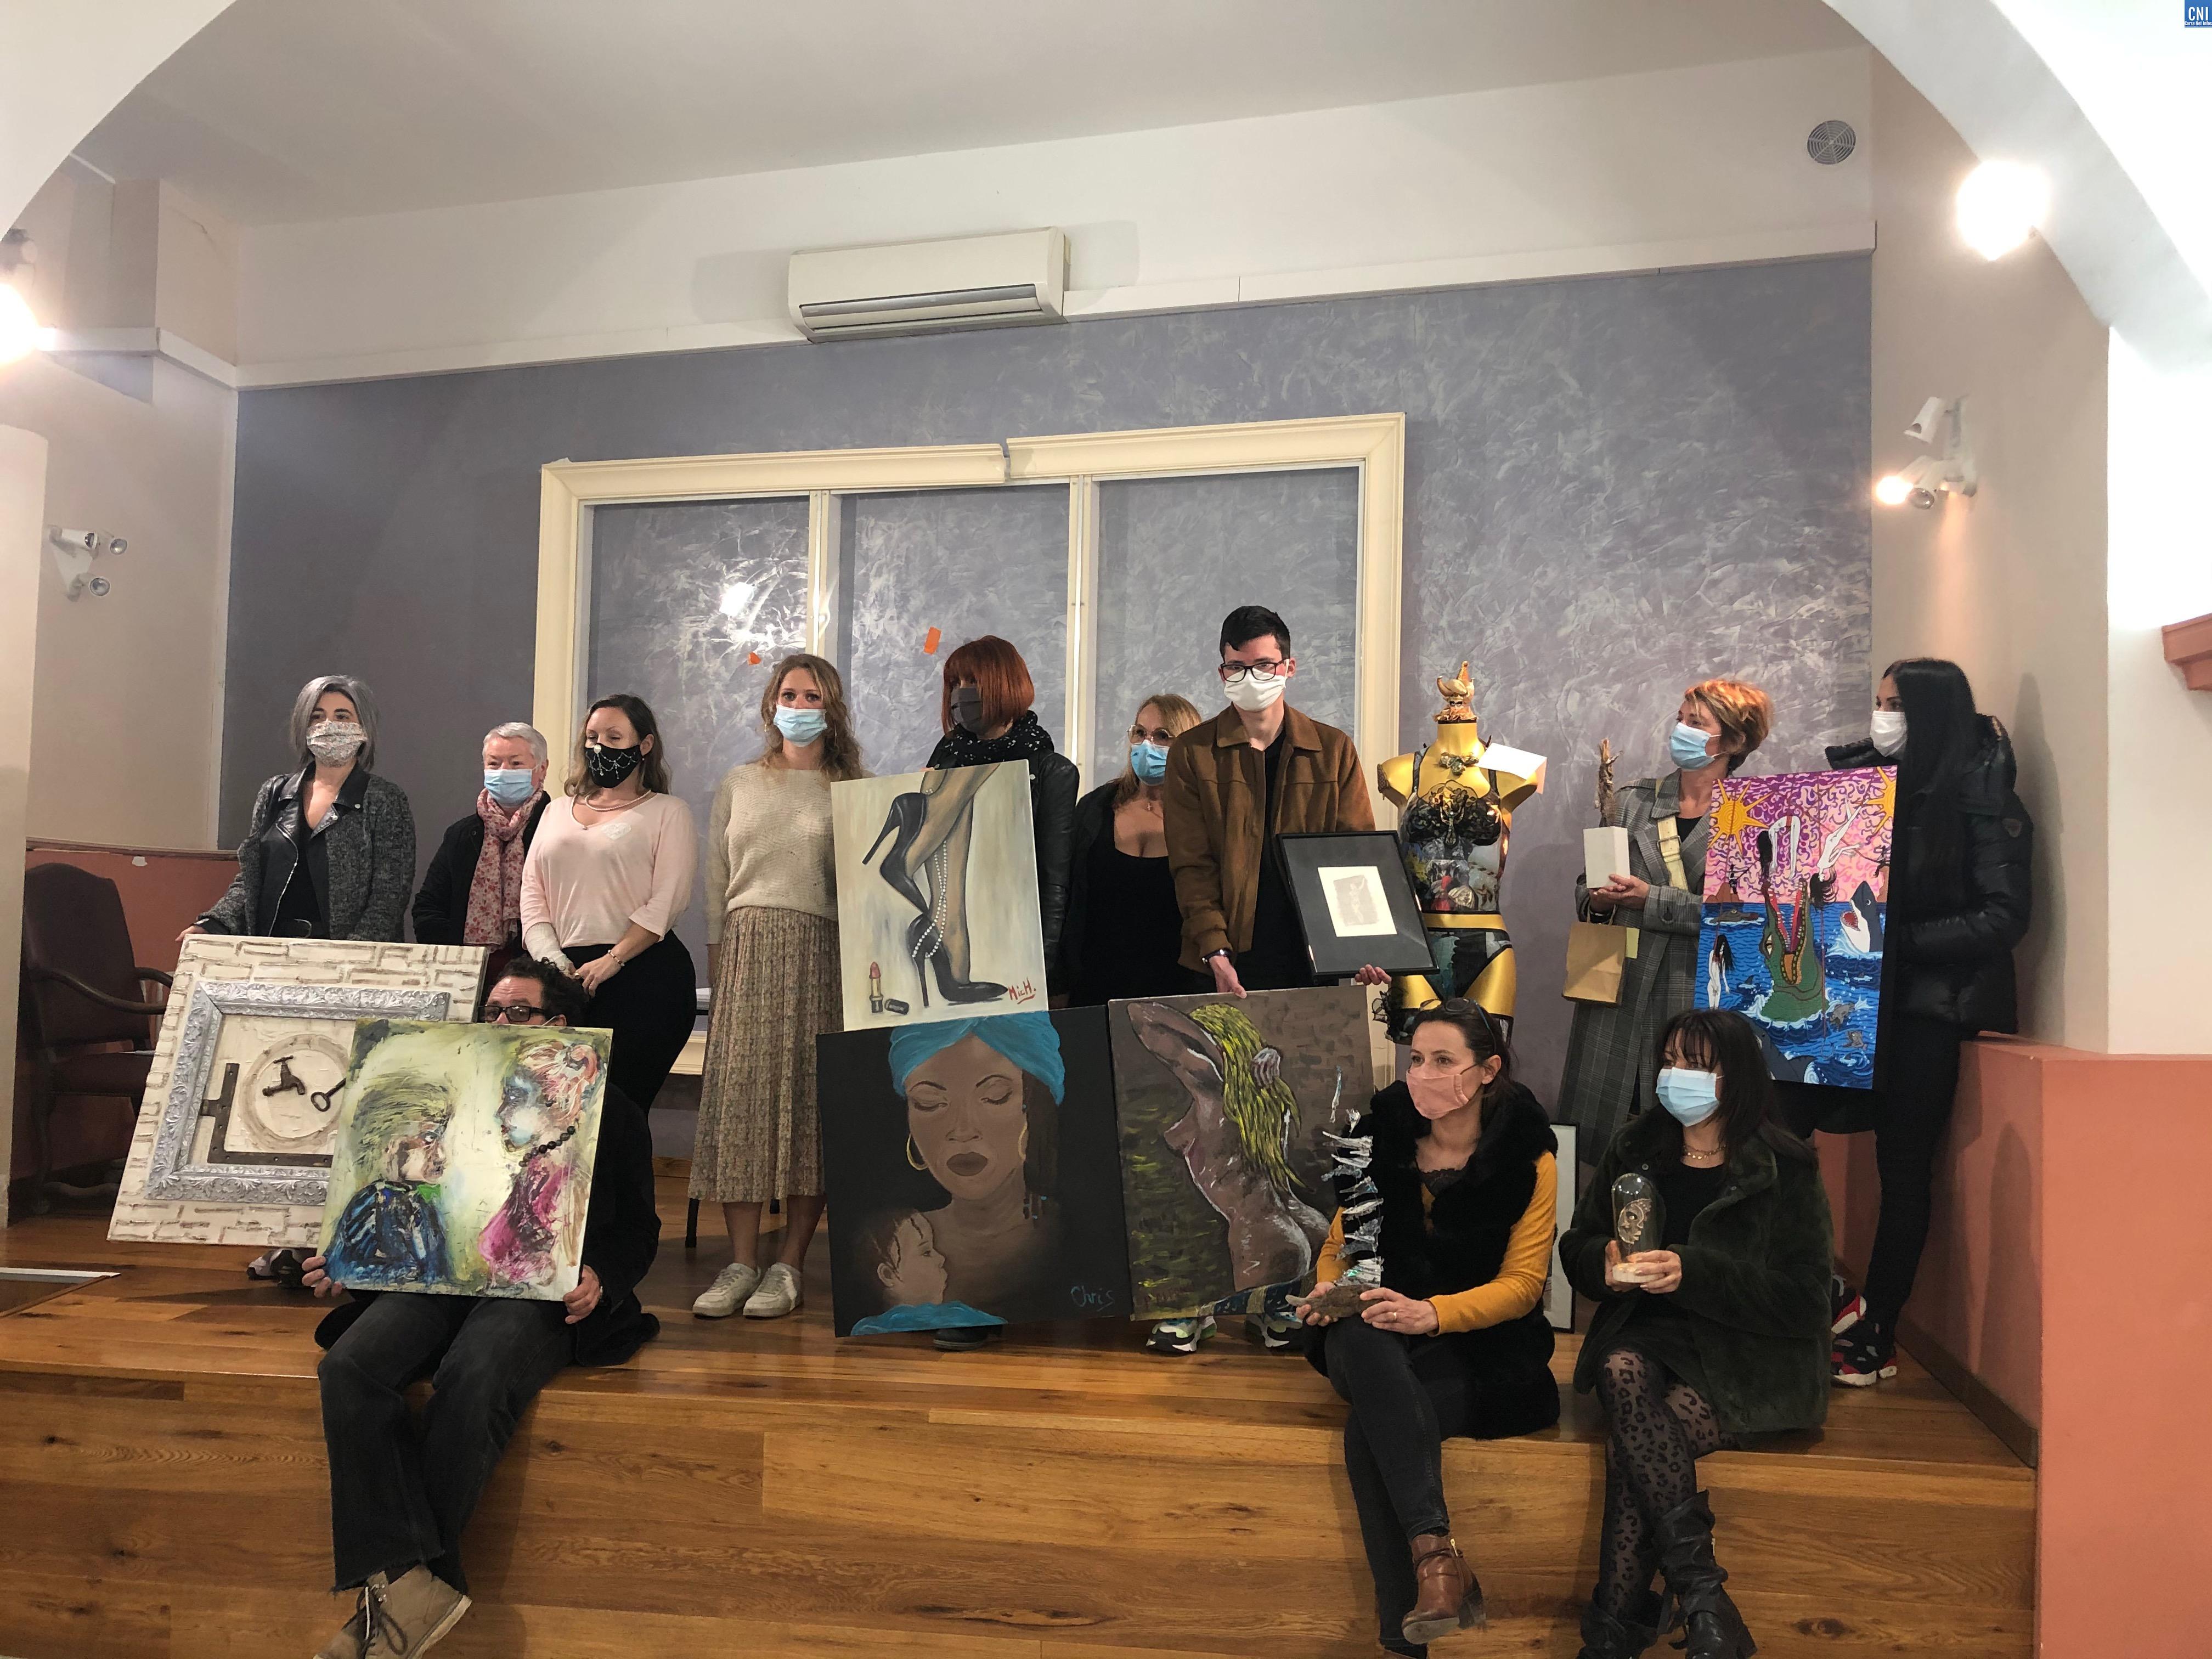 Calenzana : des lauriers pour la journée des droits des femmes